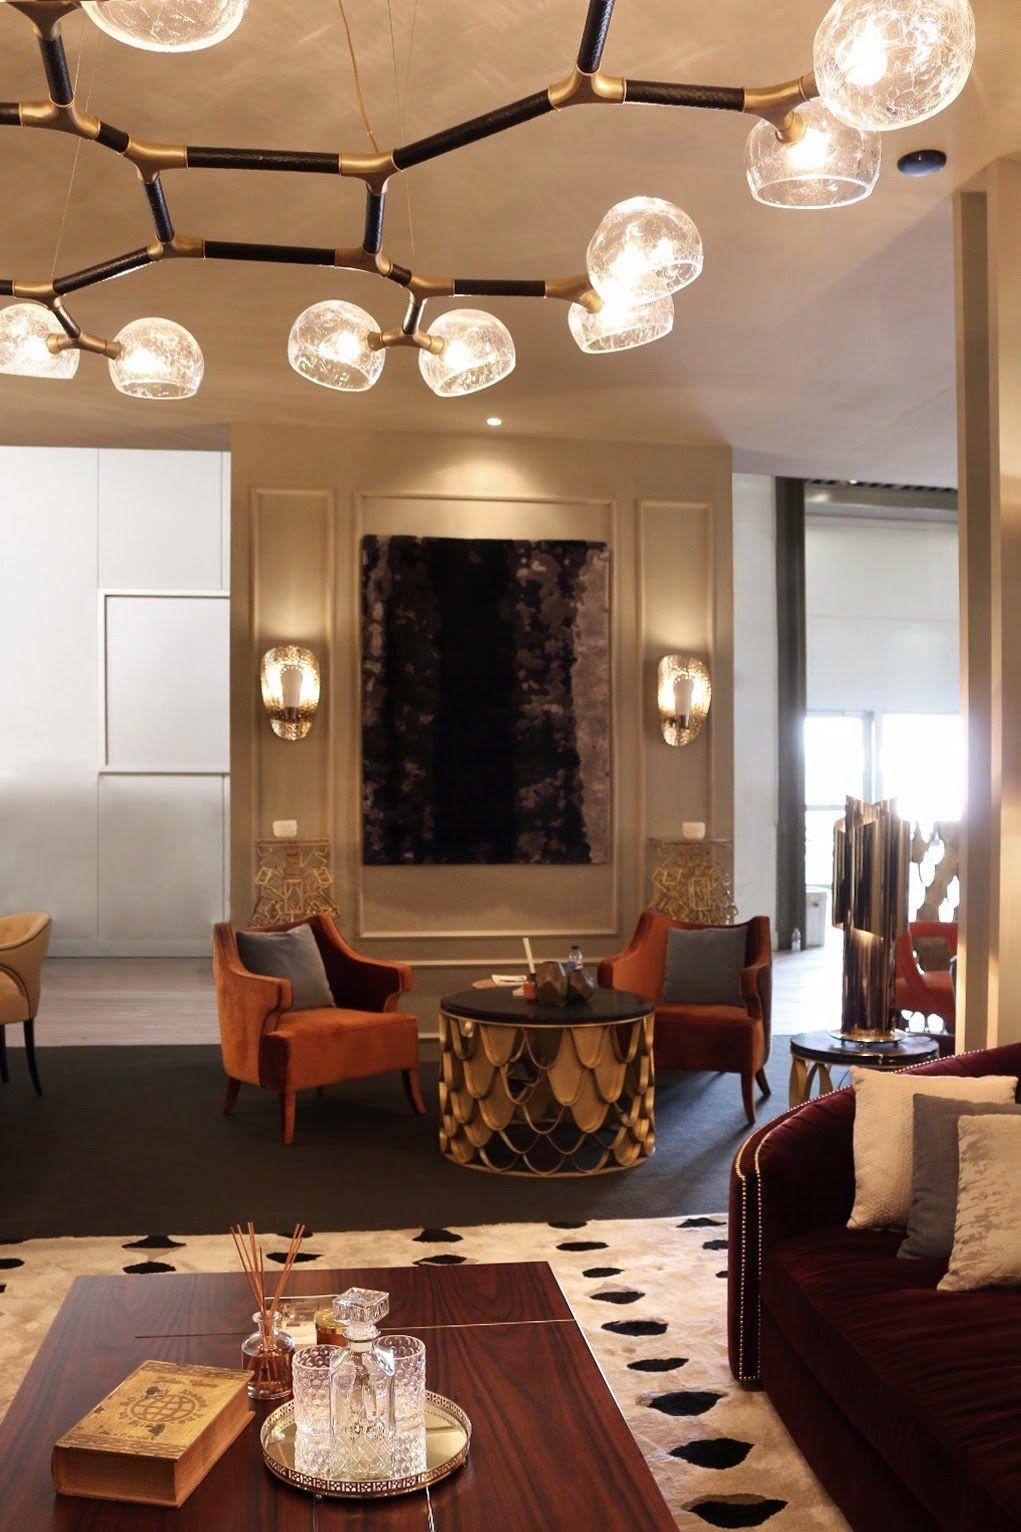 modernes interieur design farben, pantone farben einrichtungsideen minimalismus design modernes design, Design ideen